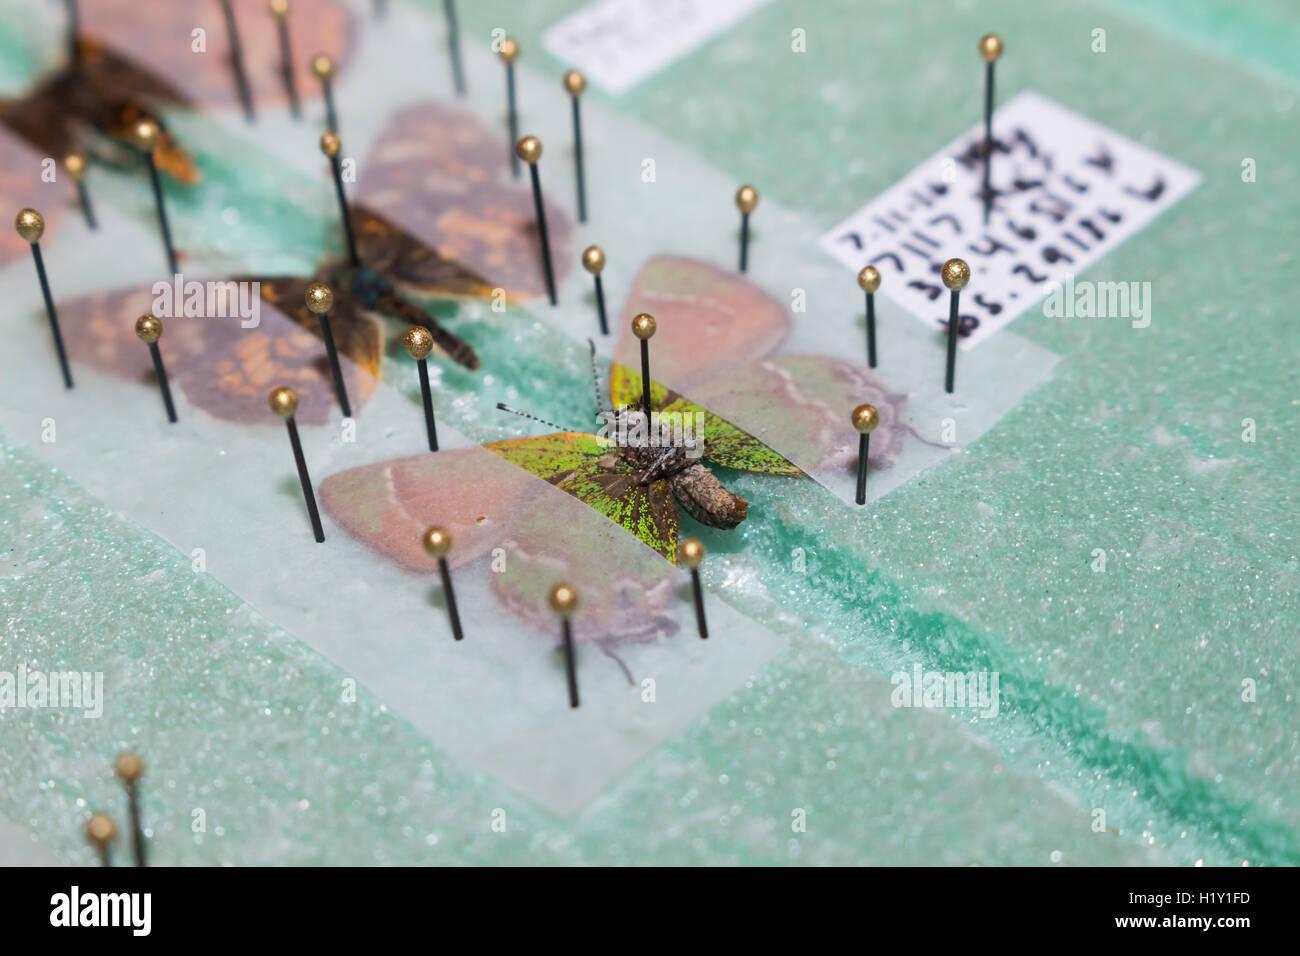 Anclados y propagación de mariposas en una propagación de junta, prepararlos para una colección Foto de stock